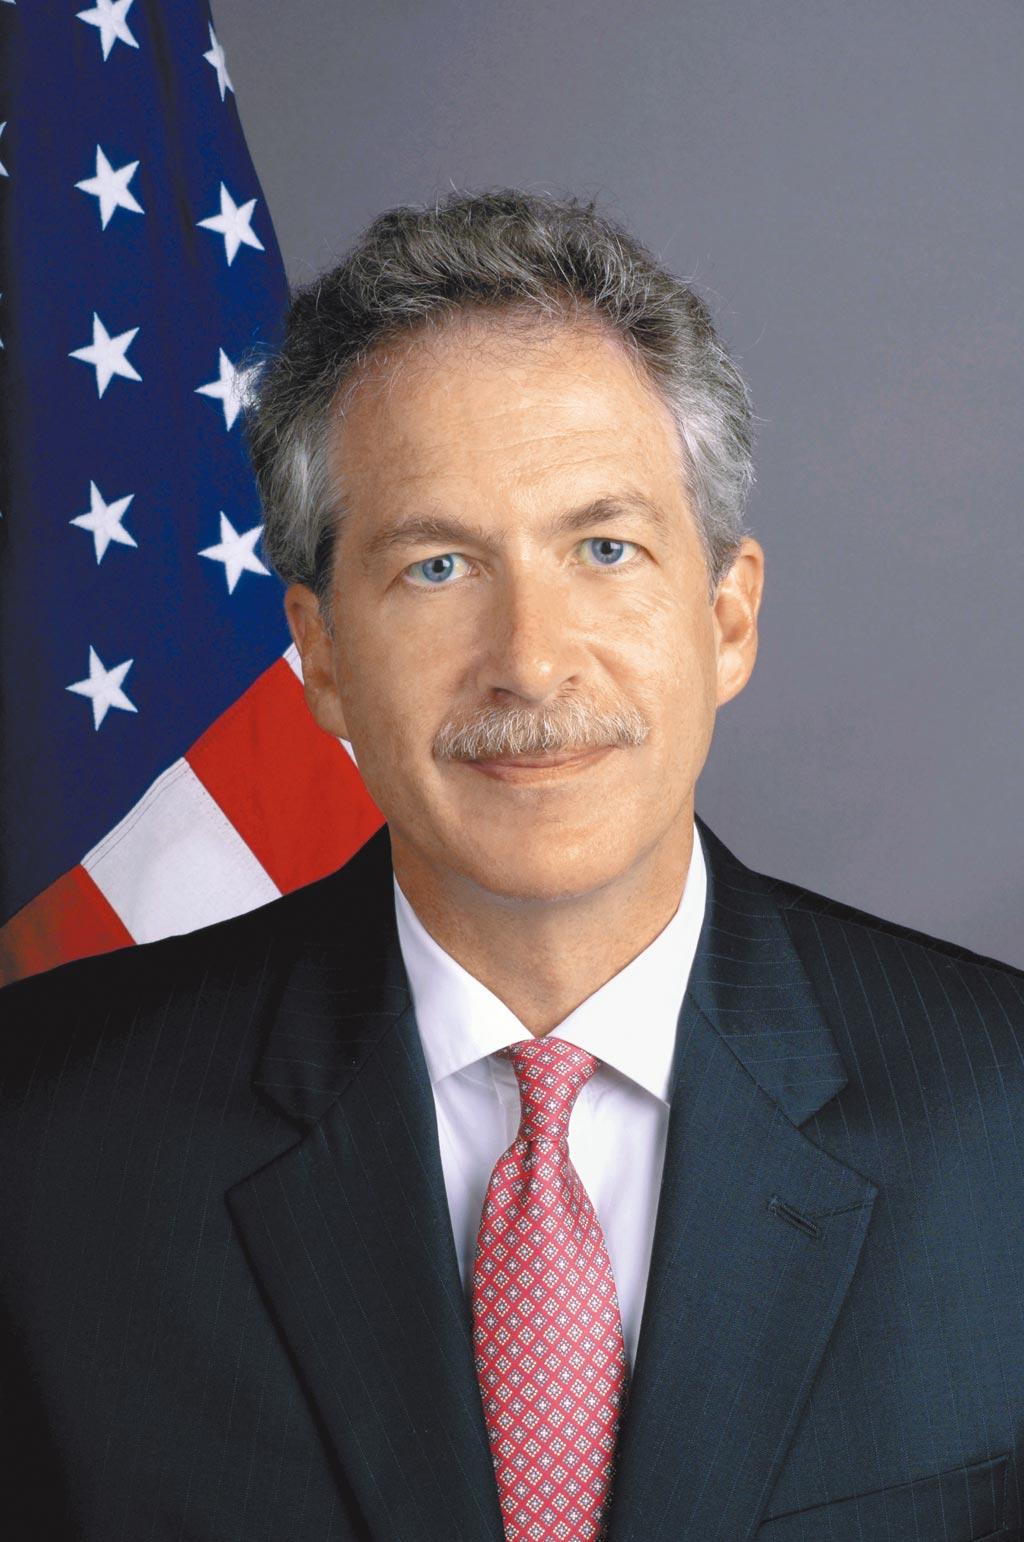 美國中情局長提名人威廉·伯恩斯(William Burns) 。(摘自美國中情局)